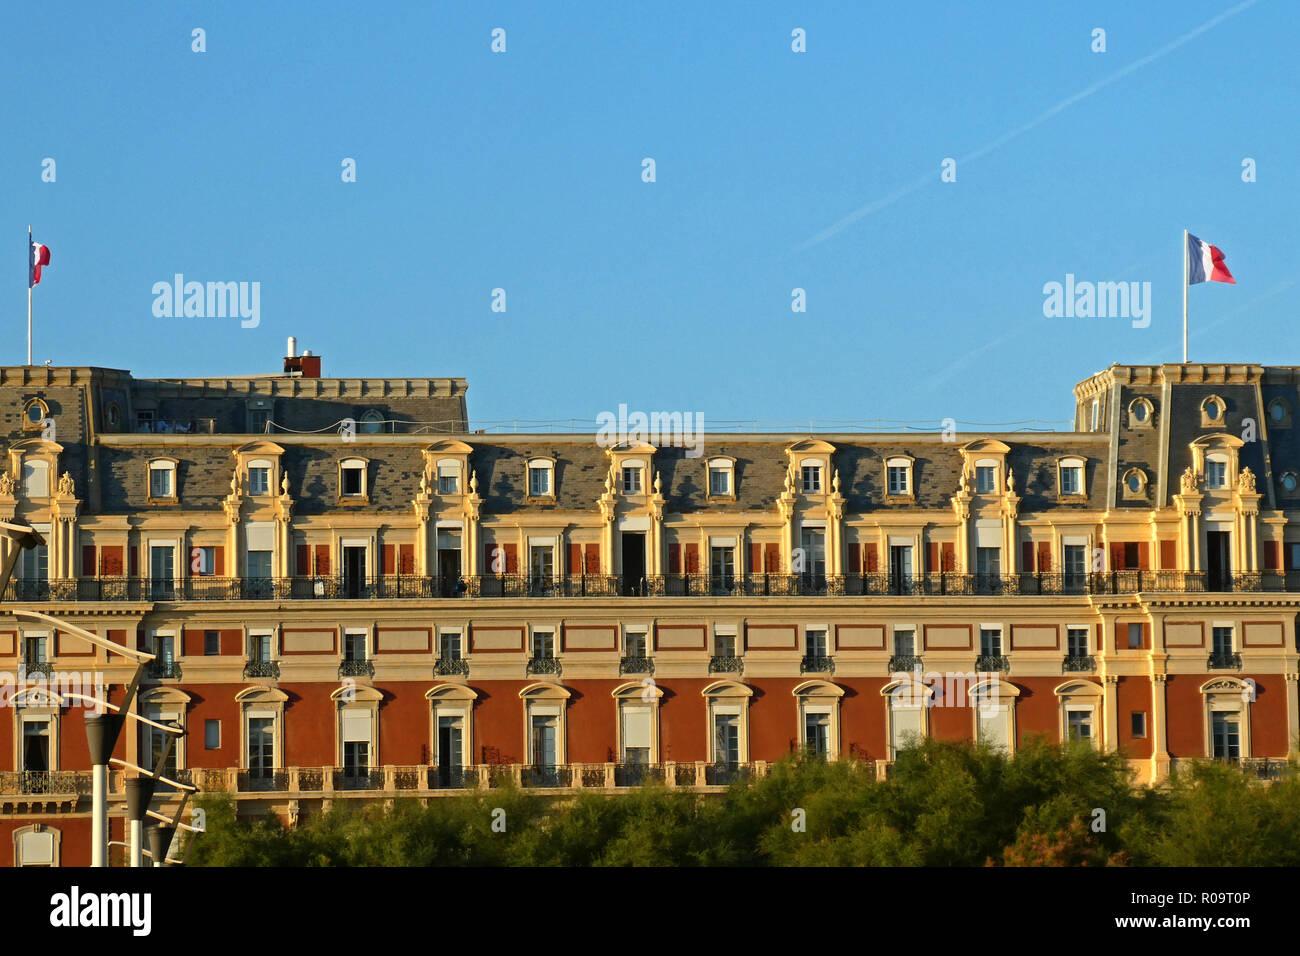 Hotel du Palais in Biarritz, Pyrénées-atlantiques, Nouvelle-Aquitaine, Frankreich, Europa Stockbild